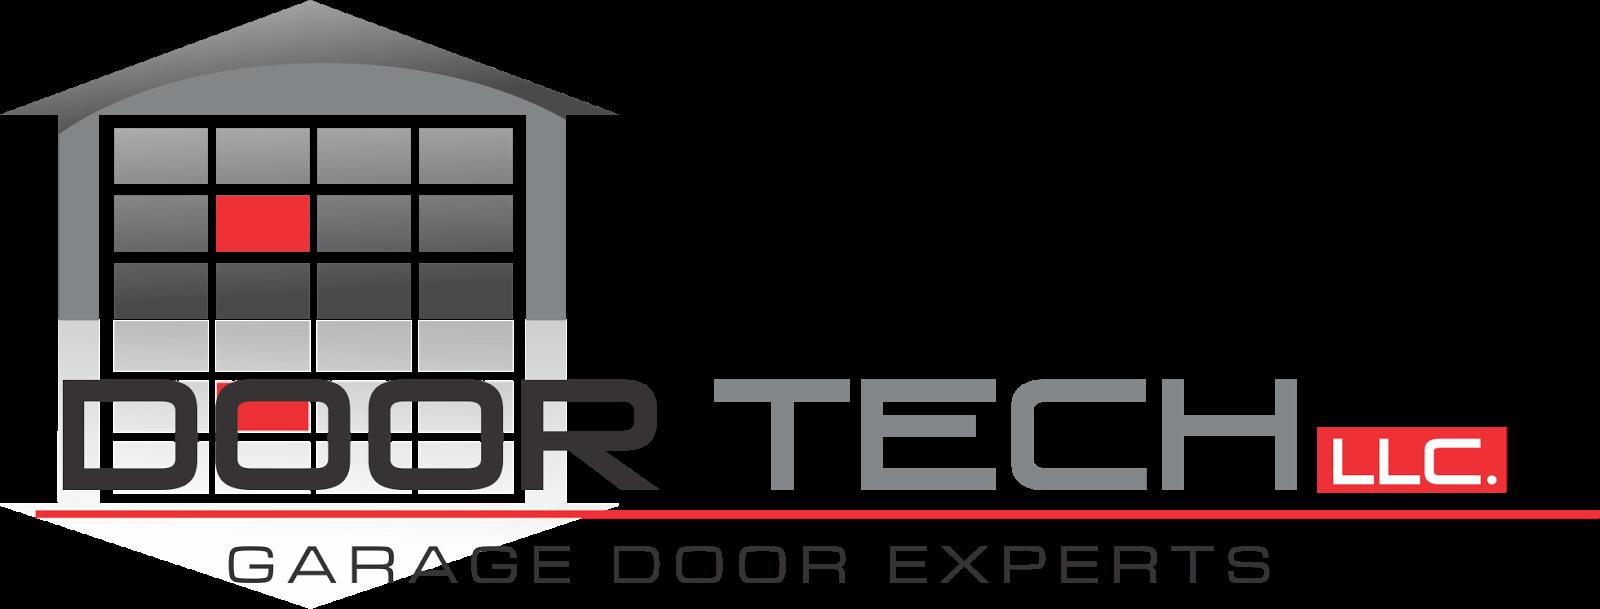 Garage door repair service phoenix az garage door for Garage door repair phoenix